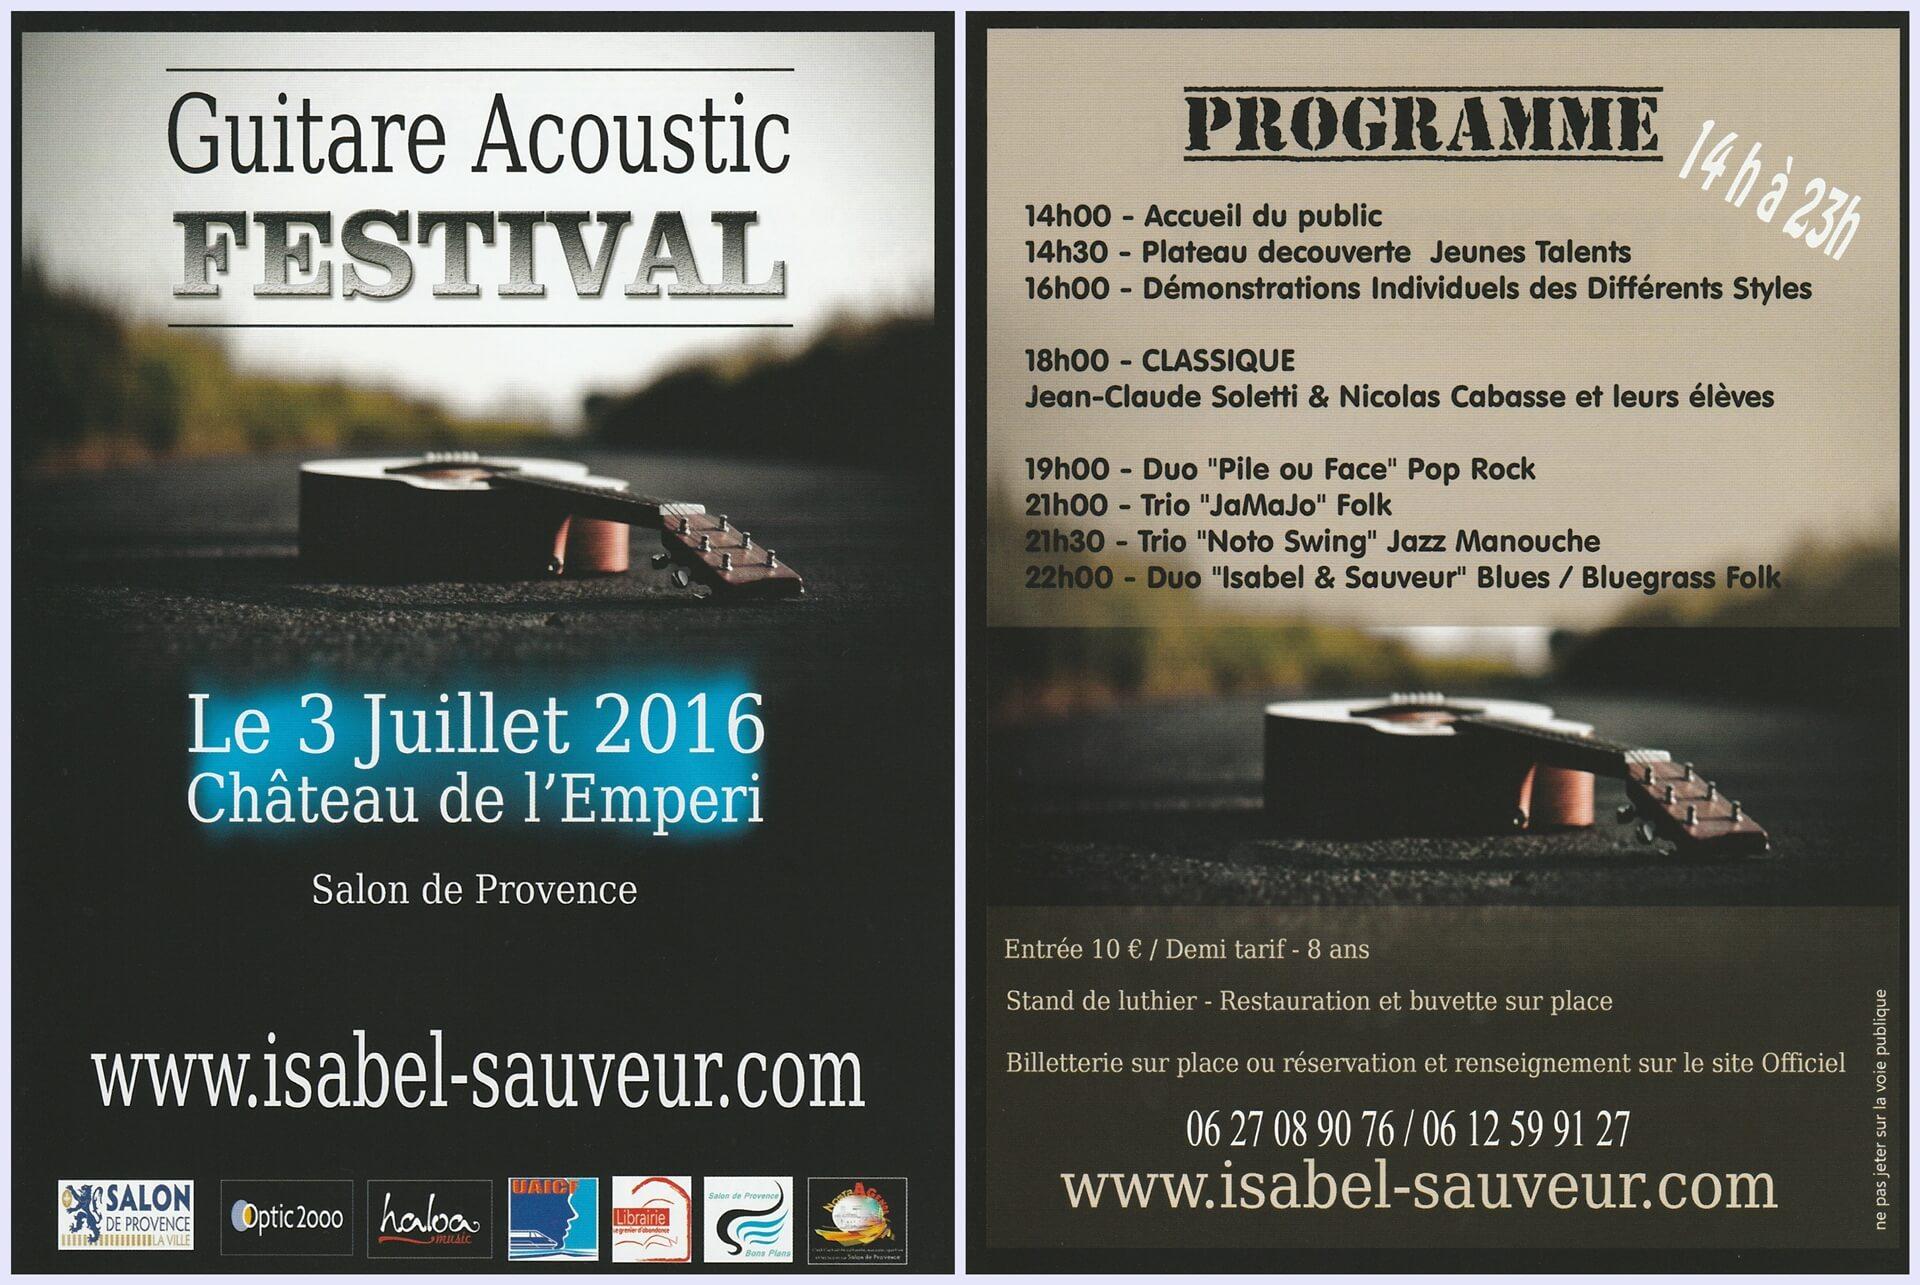 Guitare acoustic festival salon de provence